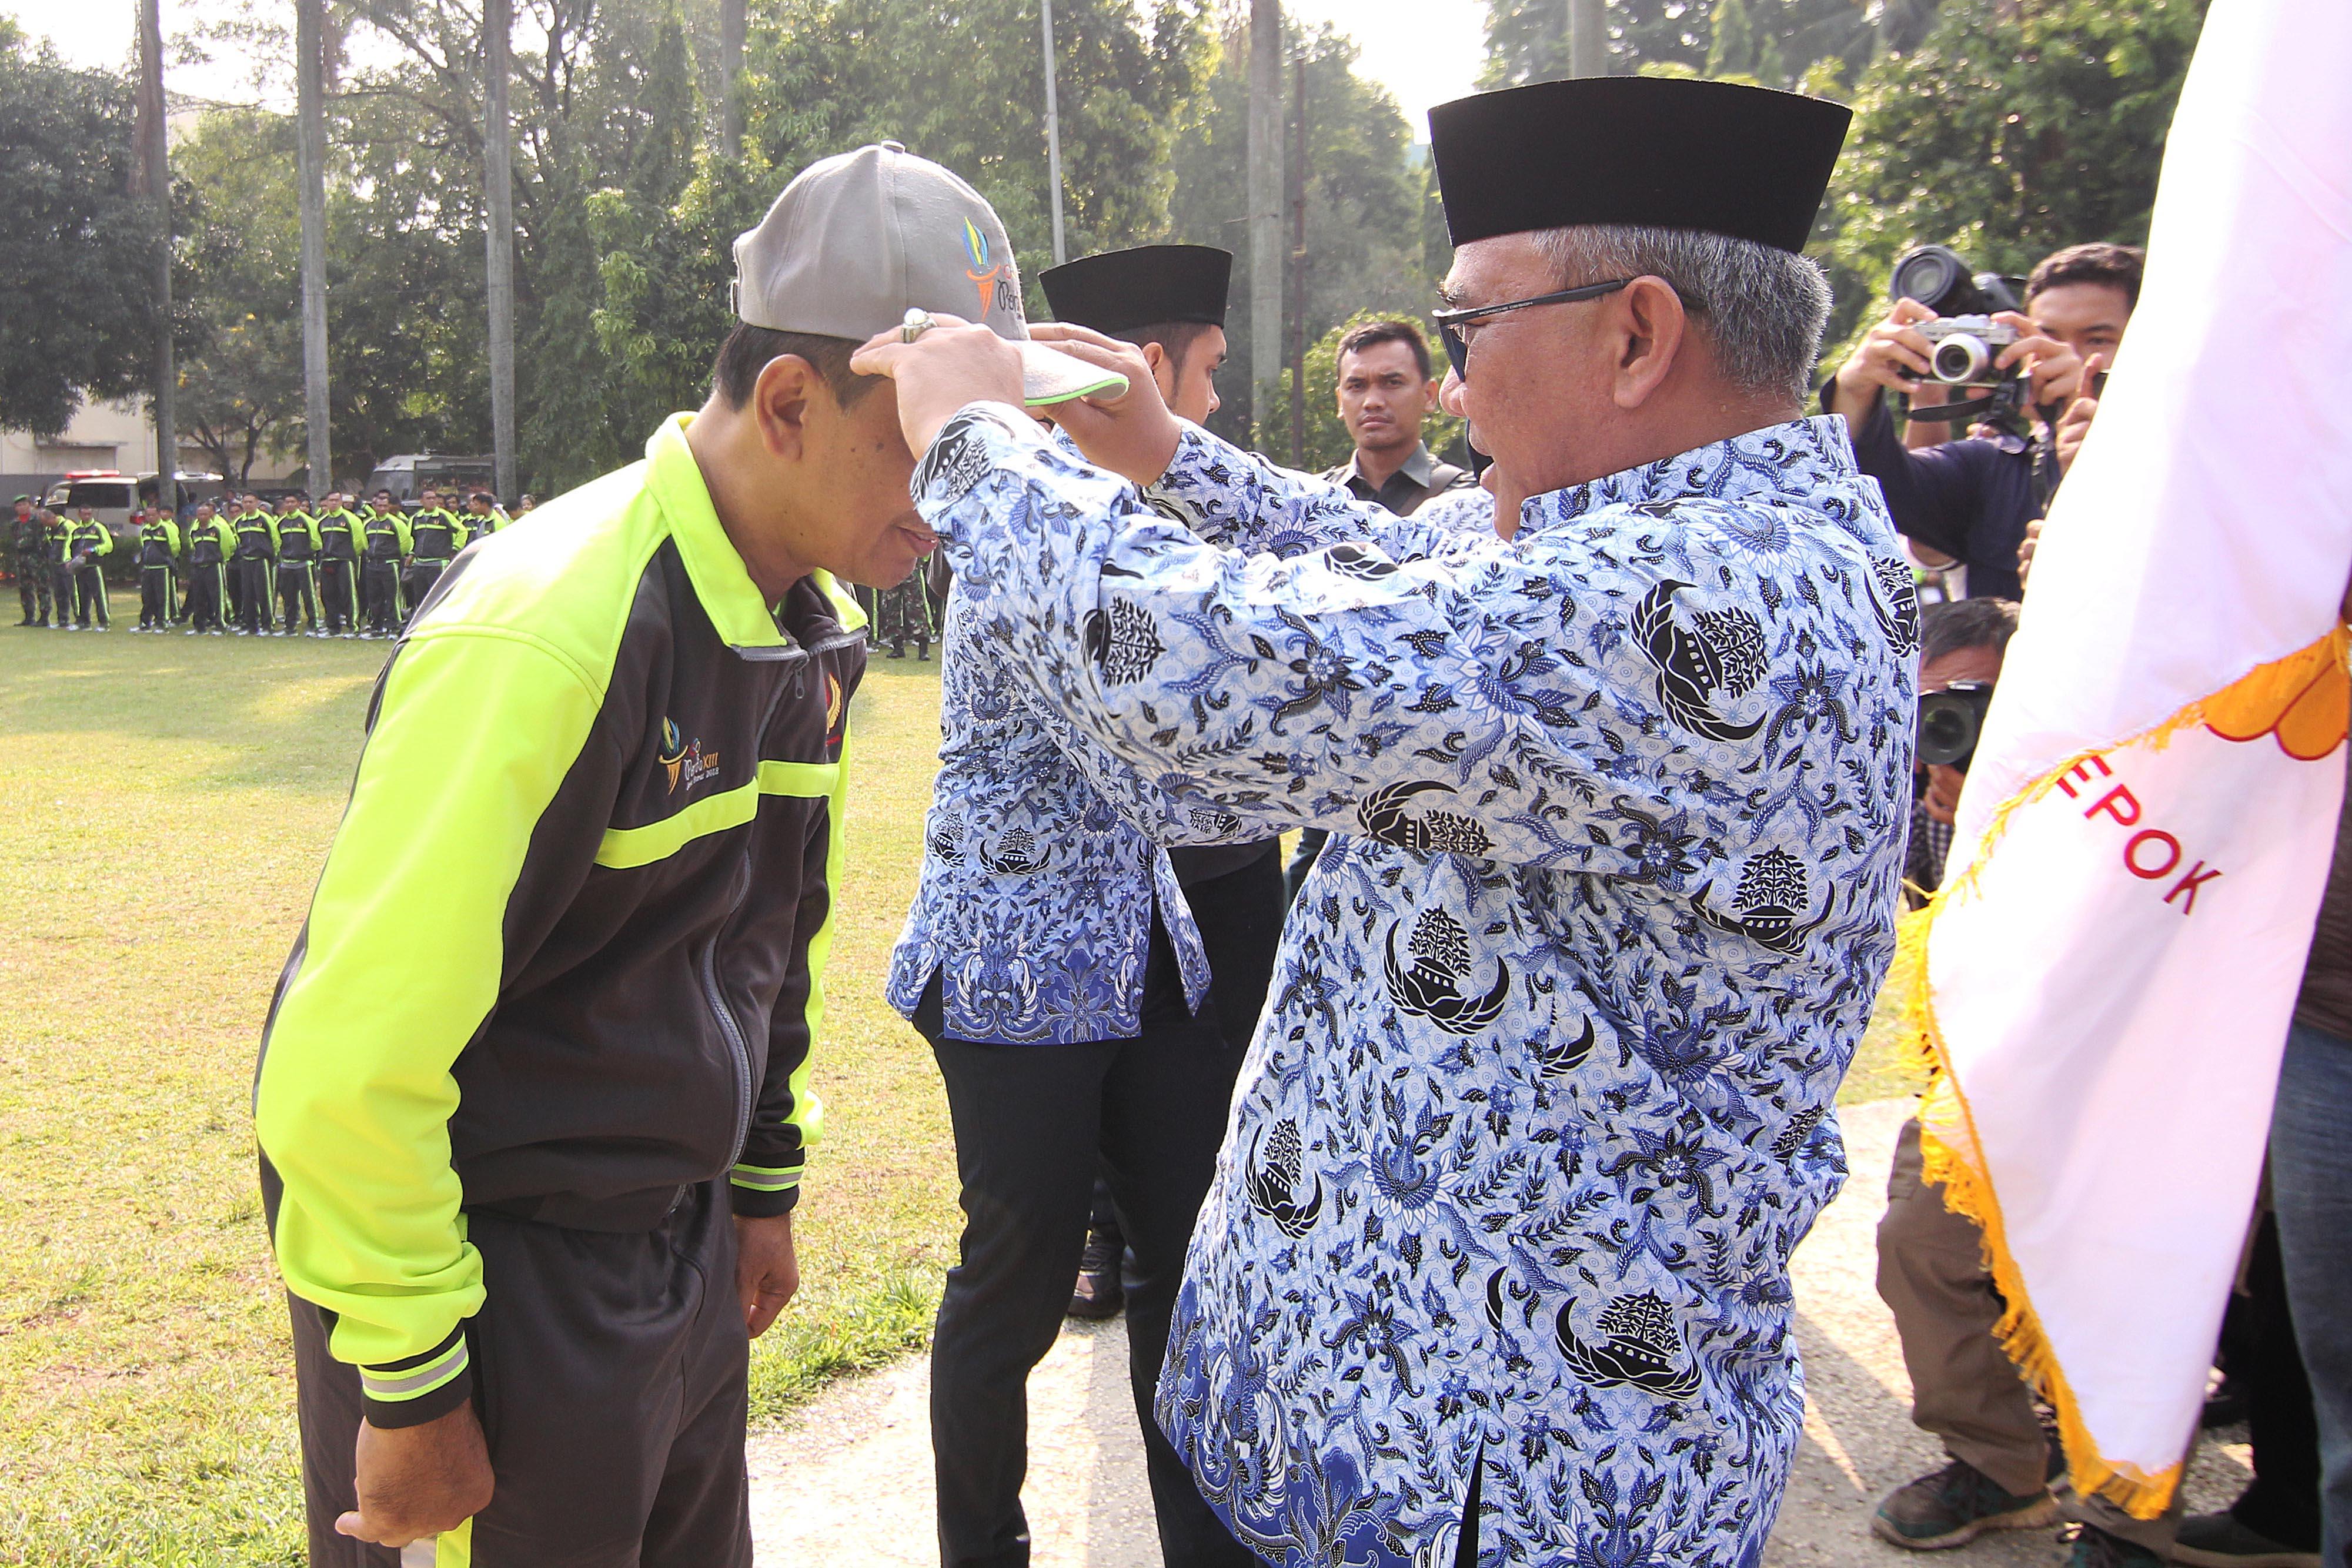 Mohammad Idris, Walikota Depok (kanan) memakaikan topi kepada Herry Suprianto, Ketua Kontingen Kota Depok PORDA Jabar XIII-2018 (kiri), sebagai tanda pelepasan kontingen oleh Walikota Depok di Balaikota Depok, Senin (1/10) pagi. KONI KOTA DEPOK/Faruqi/2018